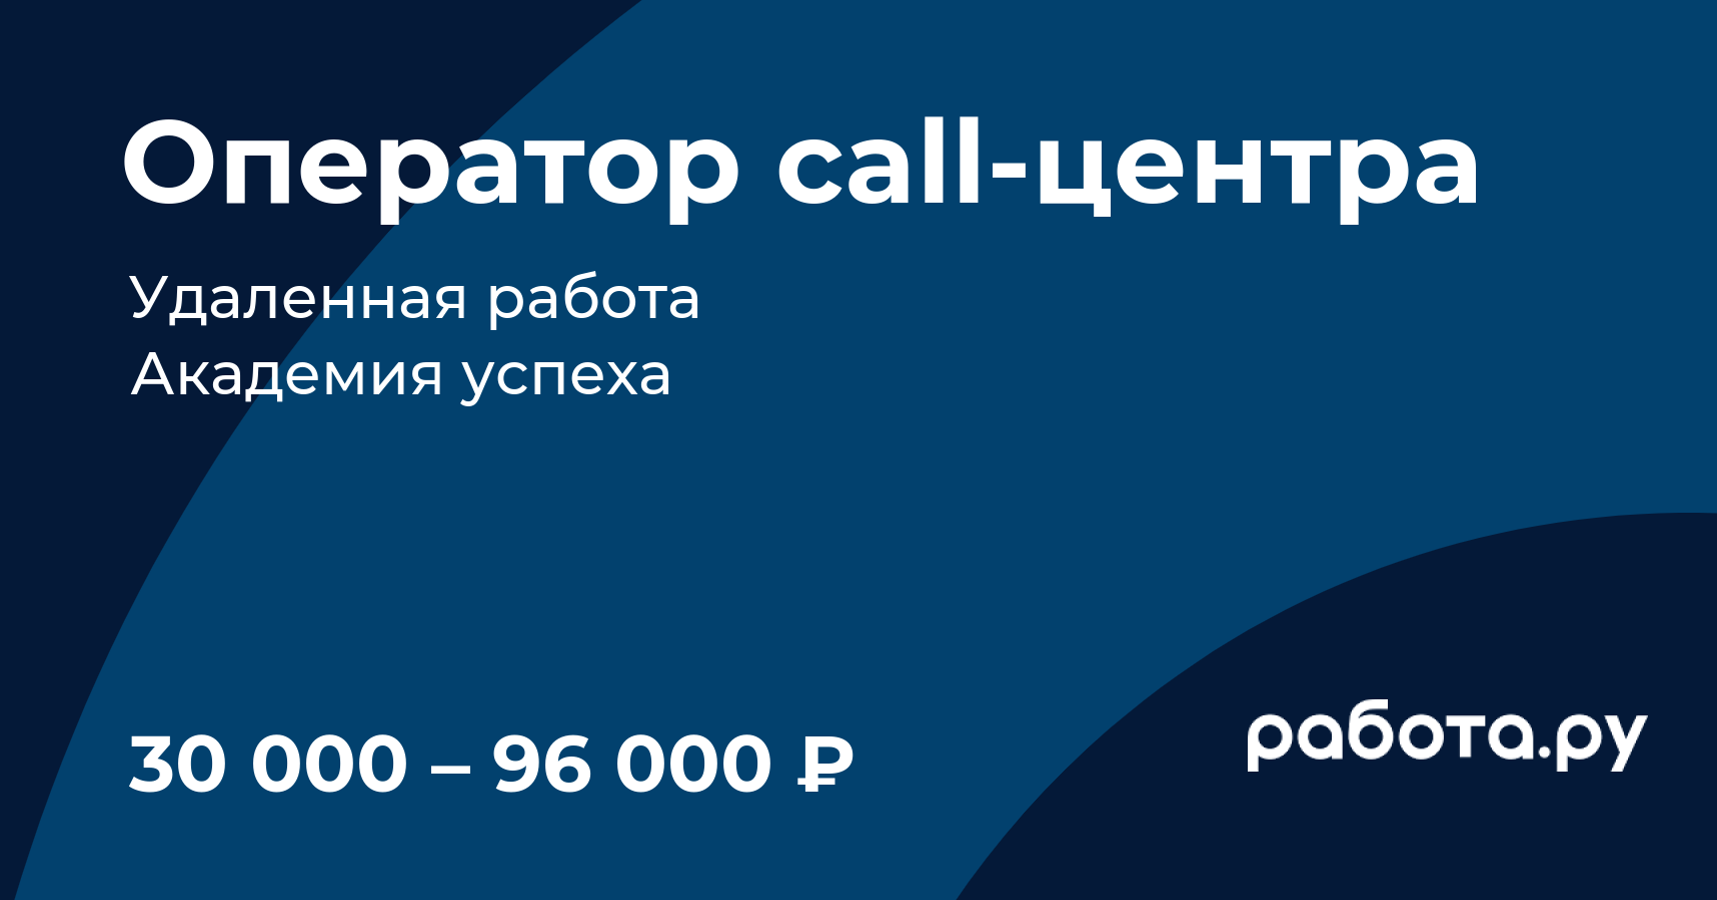 Работа для бухгалтера по совместительству или на дому в москве бухгалтер на работе и домами